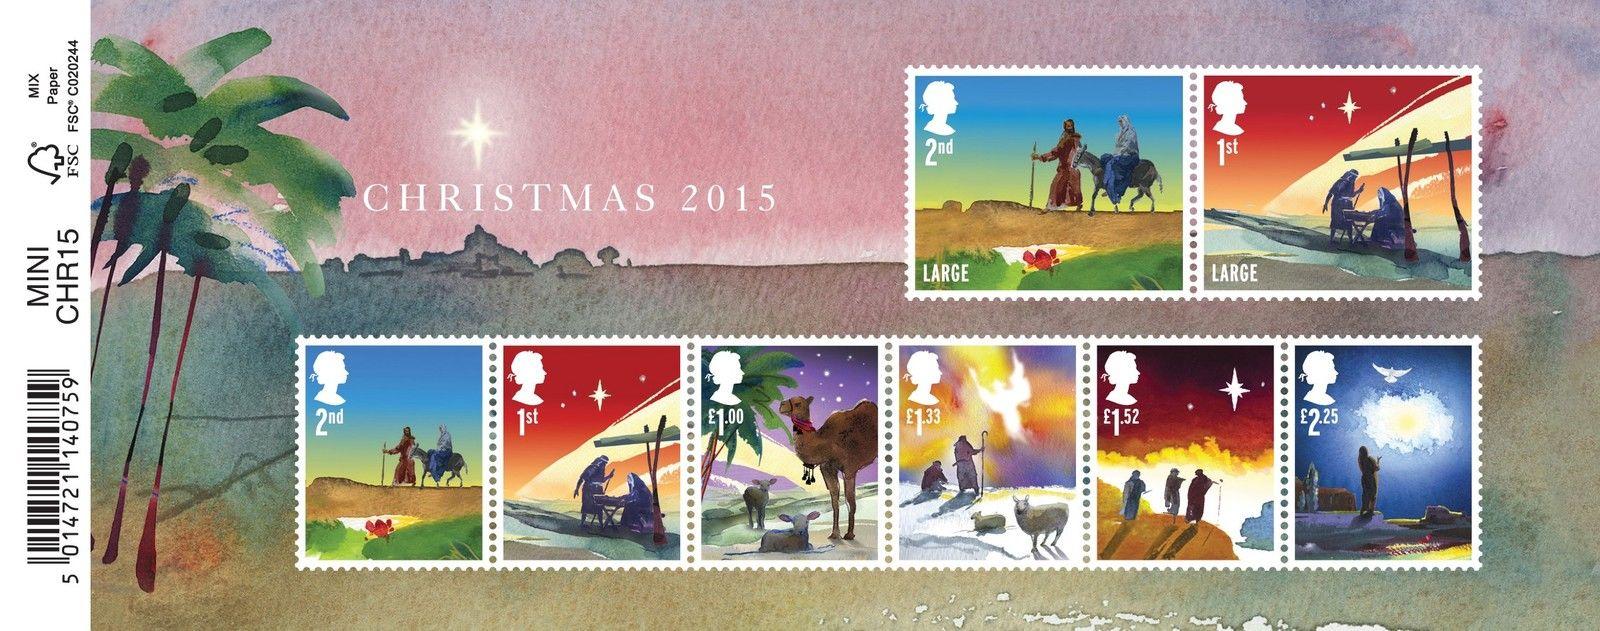 GB Christmas 2015